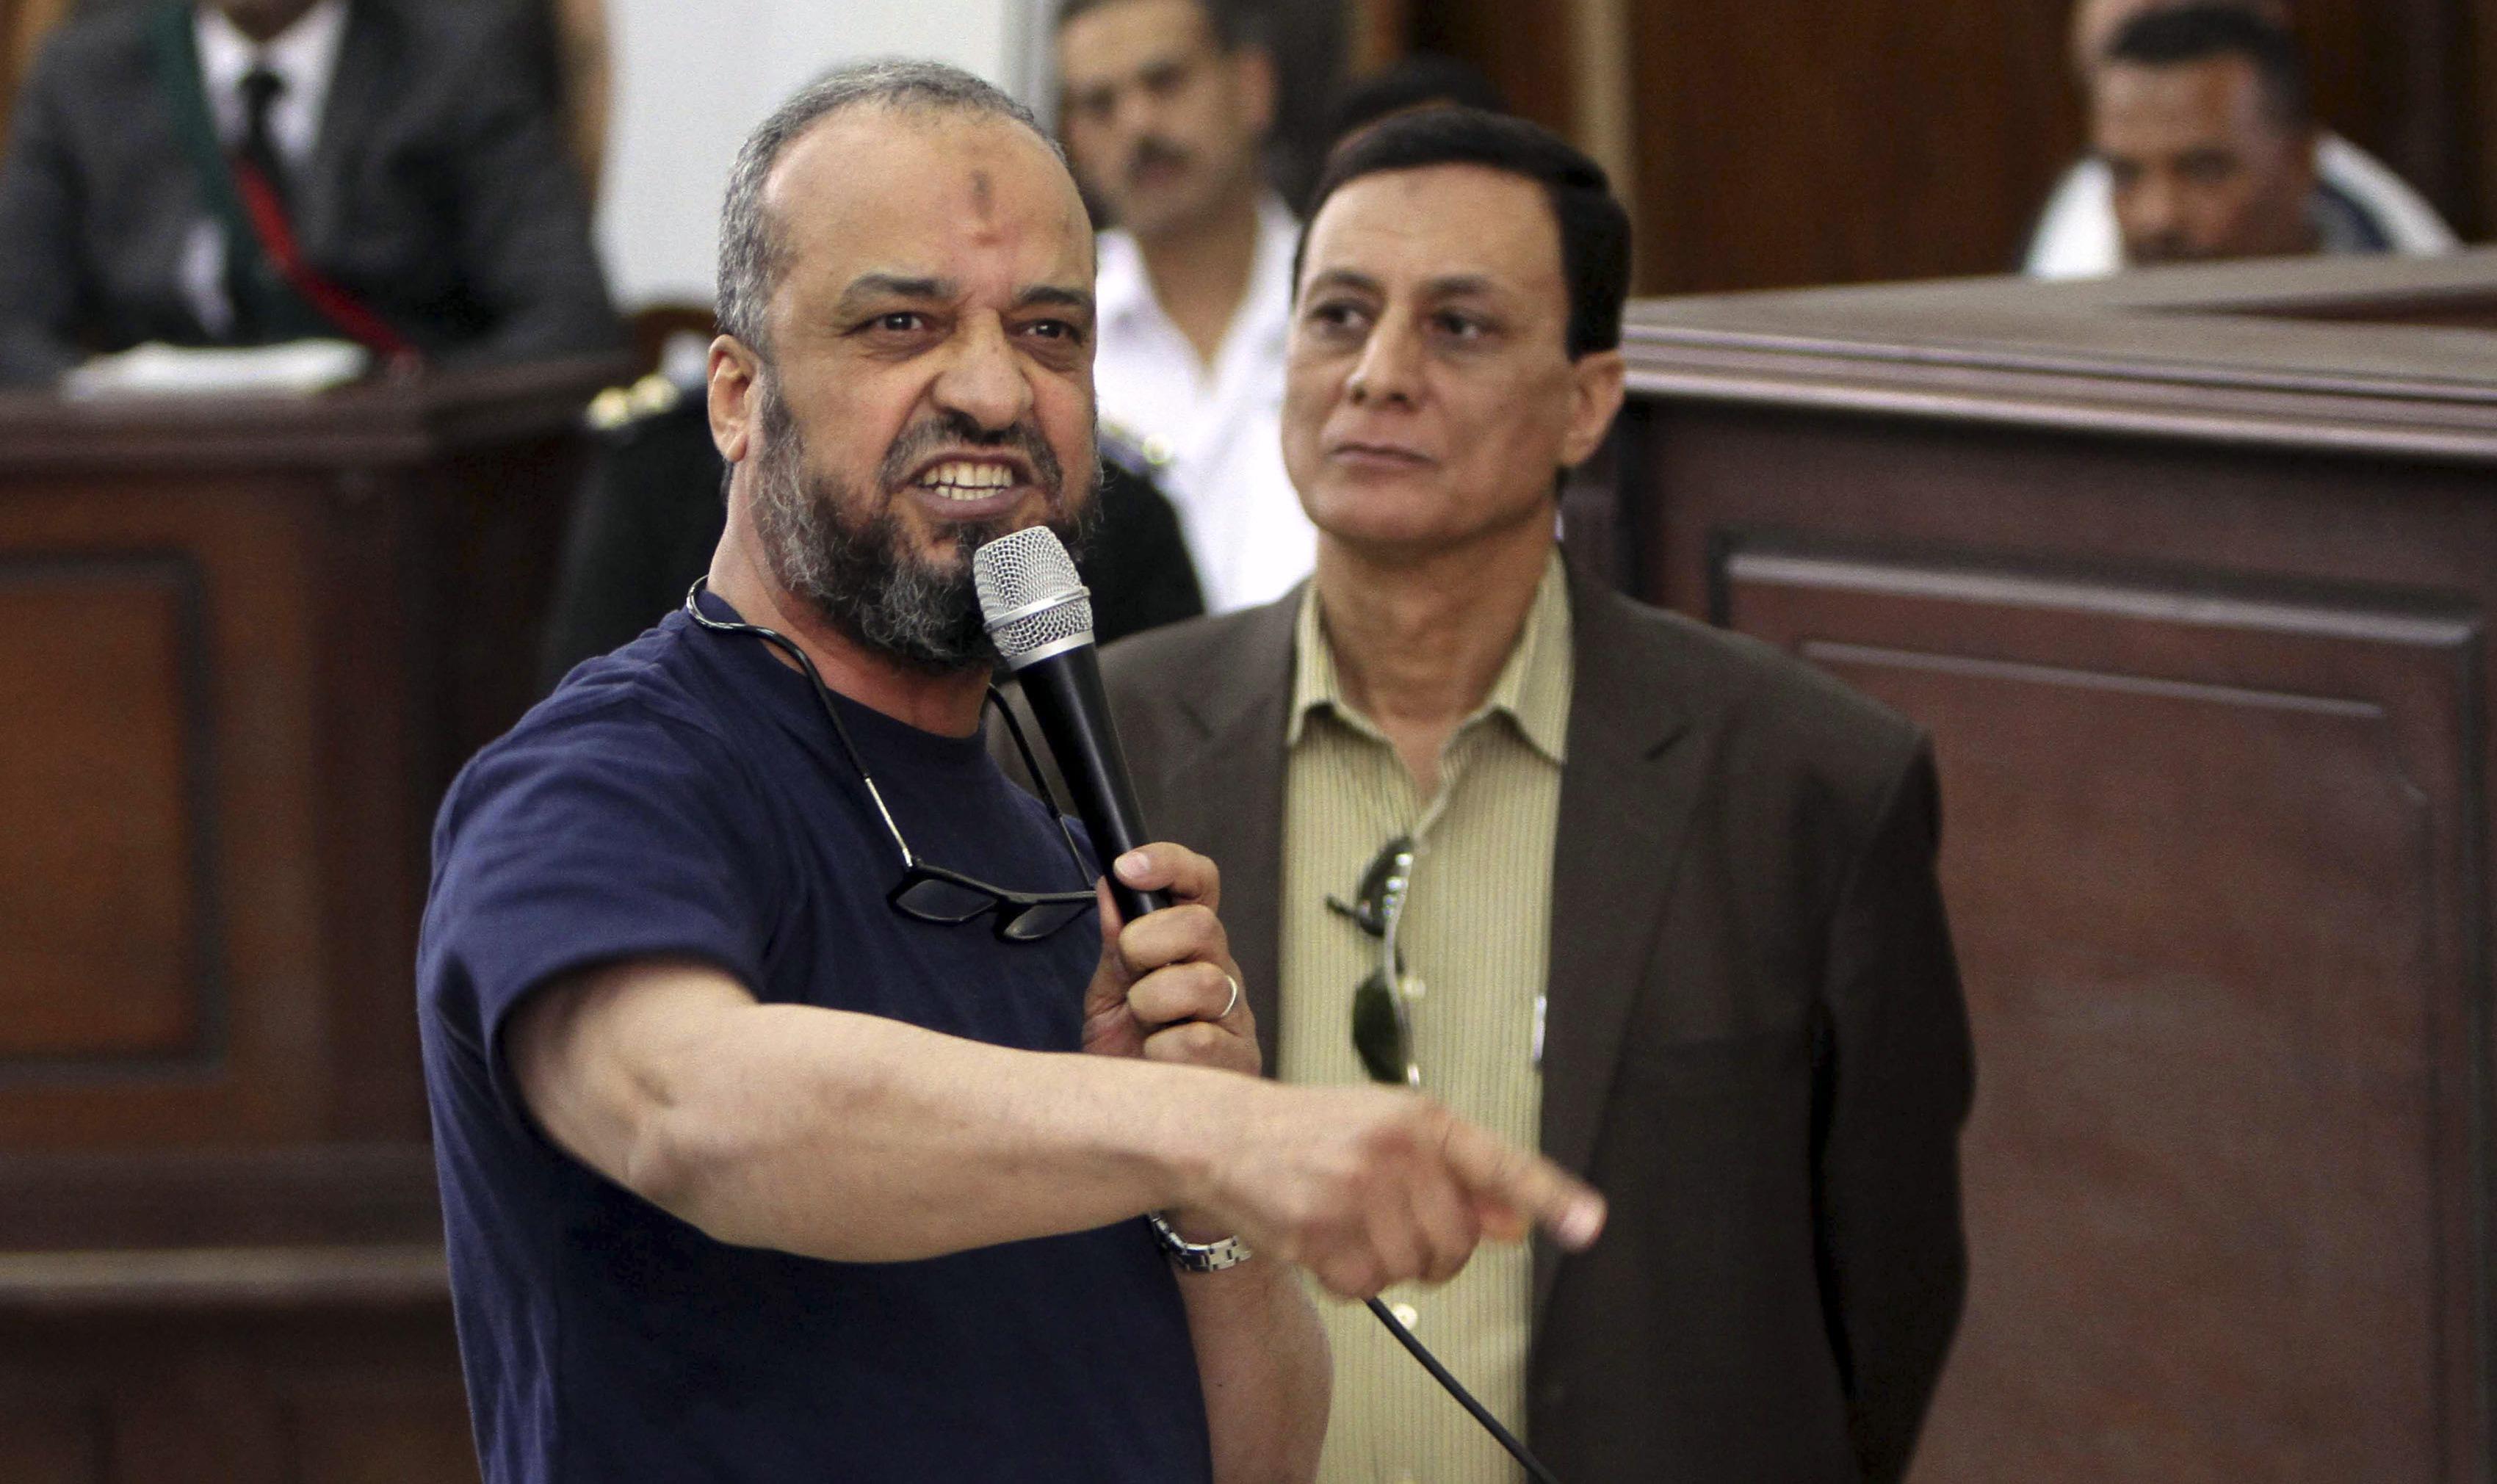 http://shbabbek.com/upload/براءة نجل البلتاجي بعد 4 سنوات من الحبس